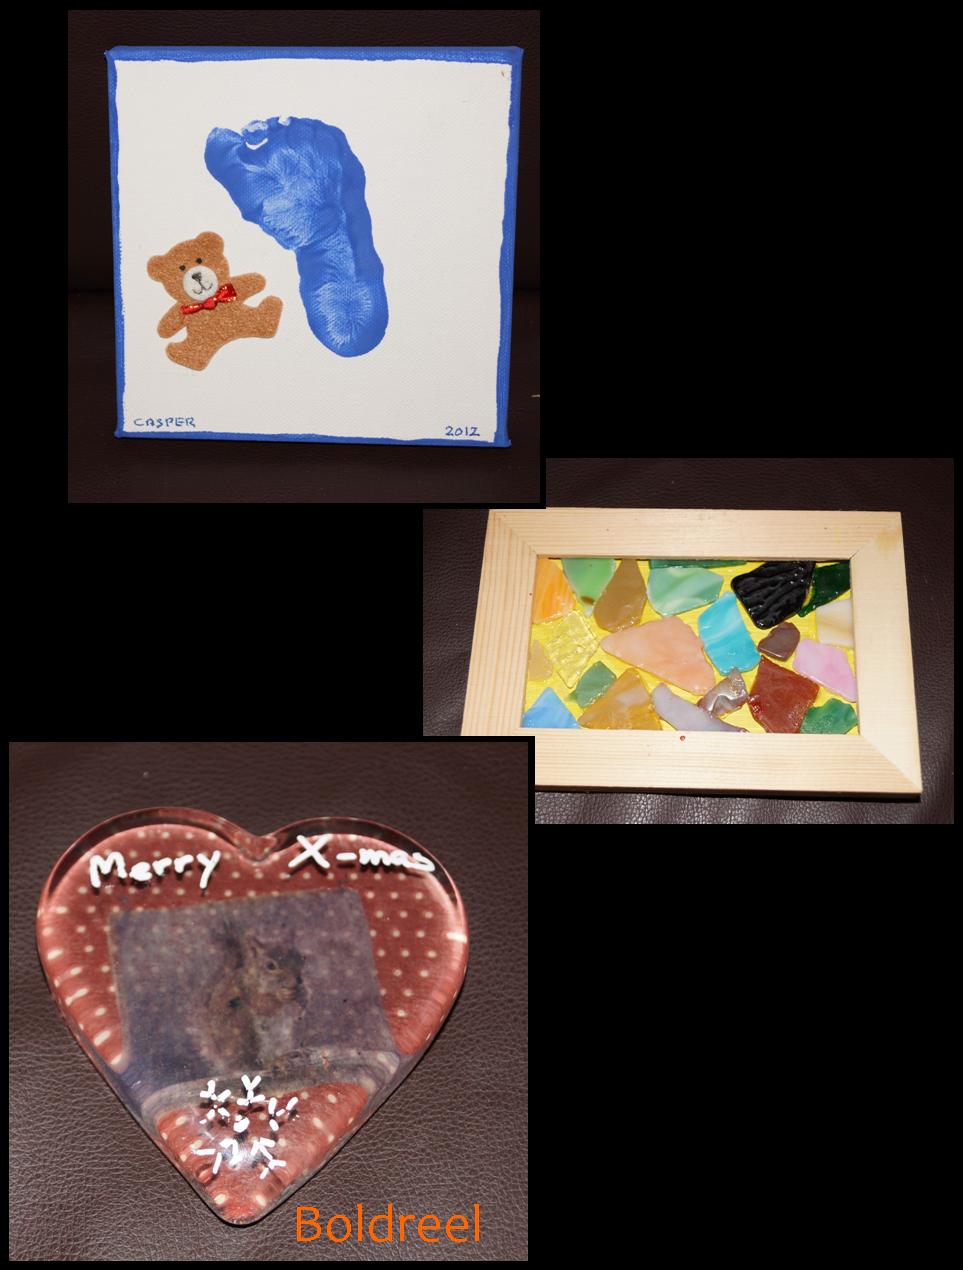 gaver til børn 8 år